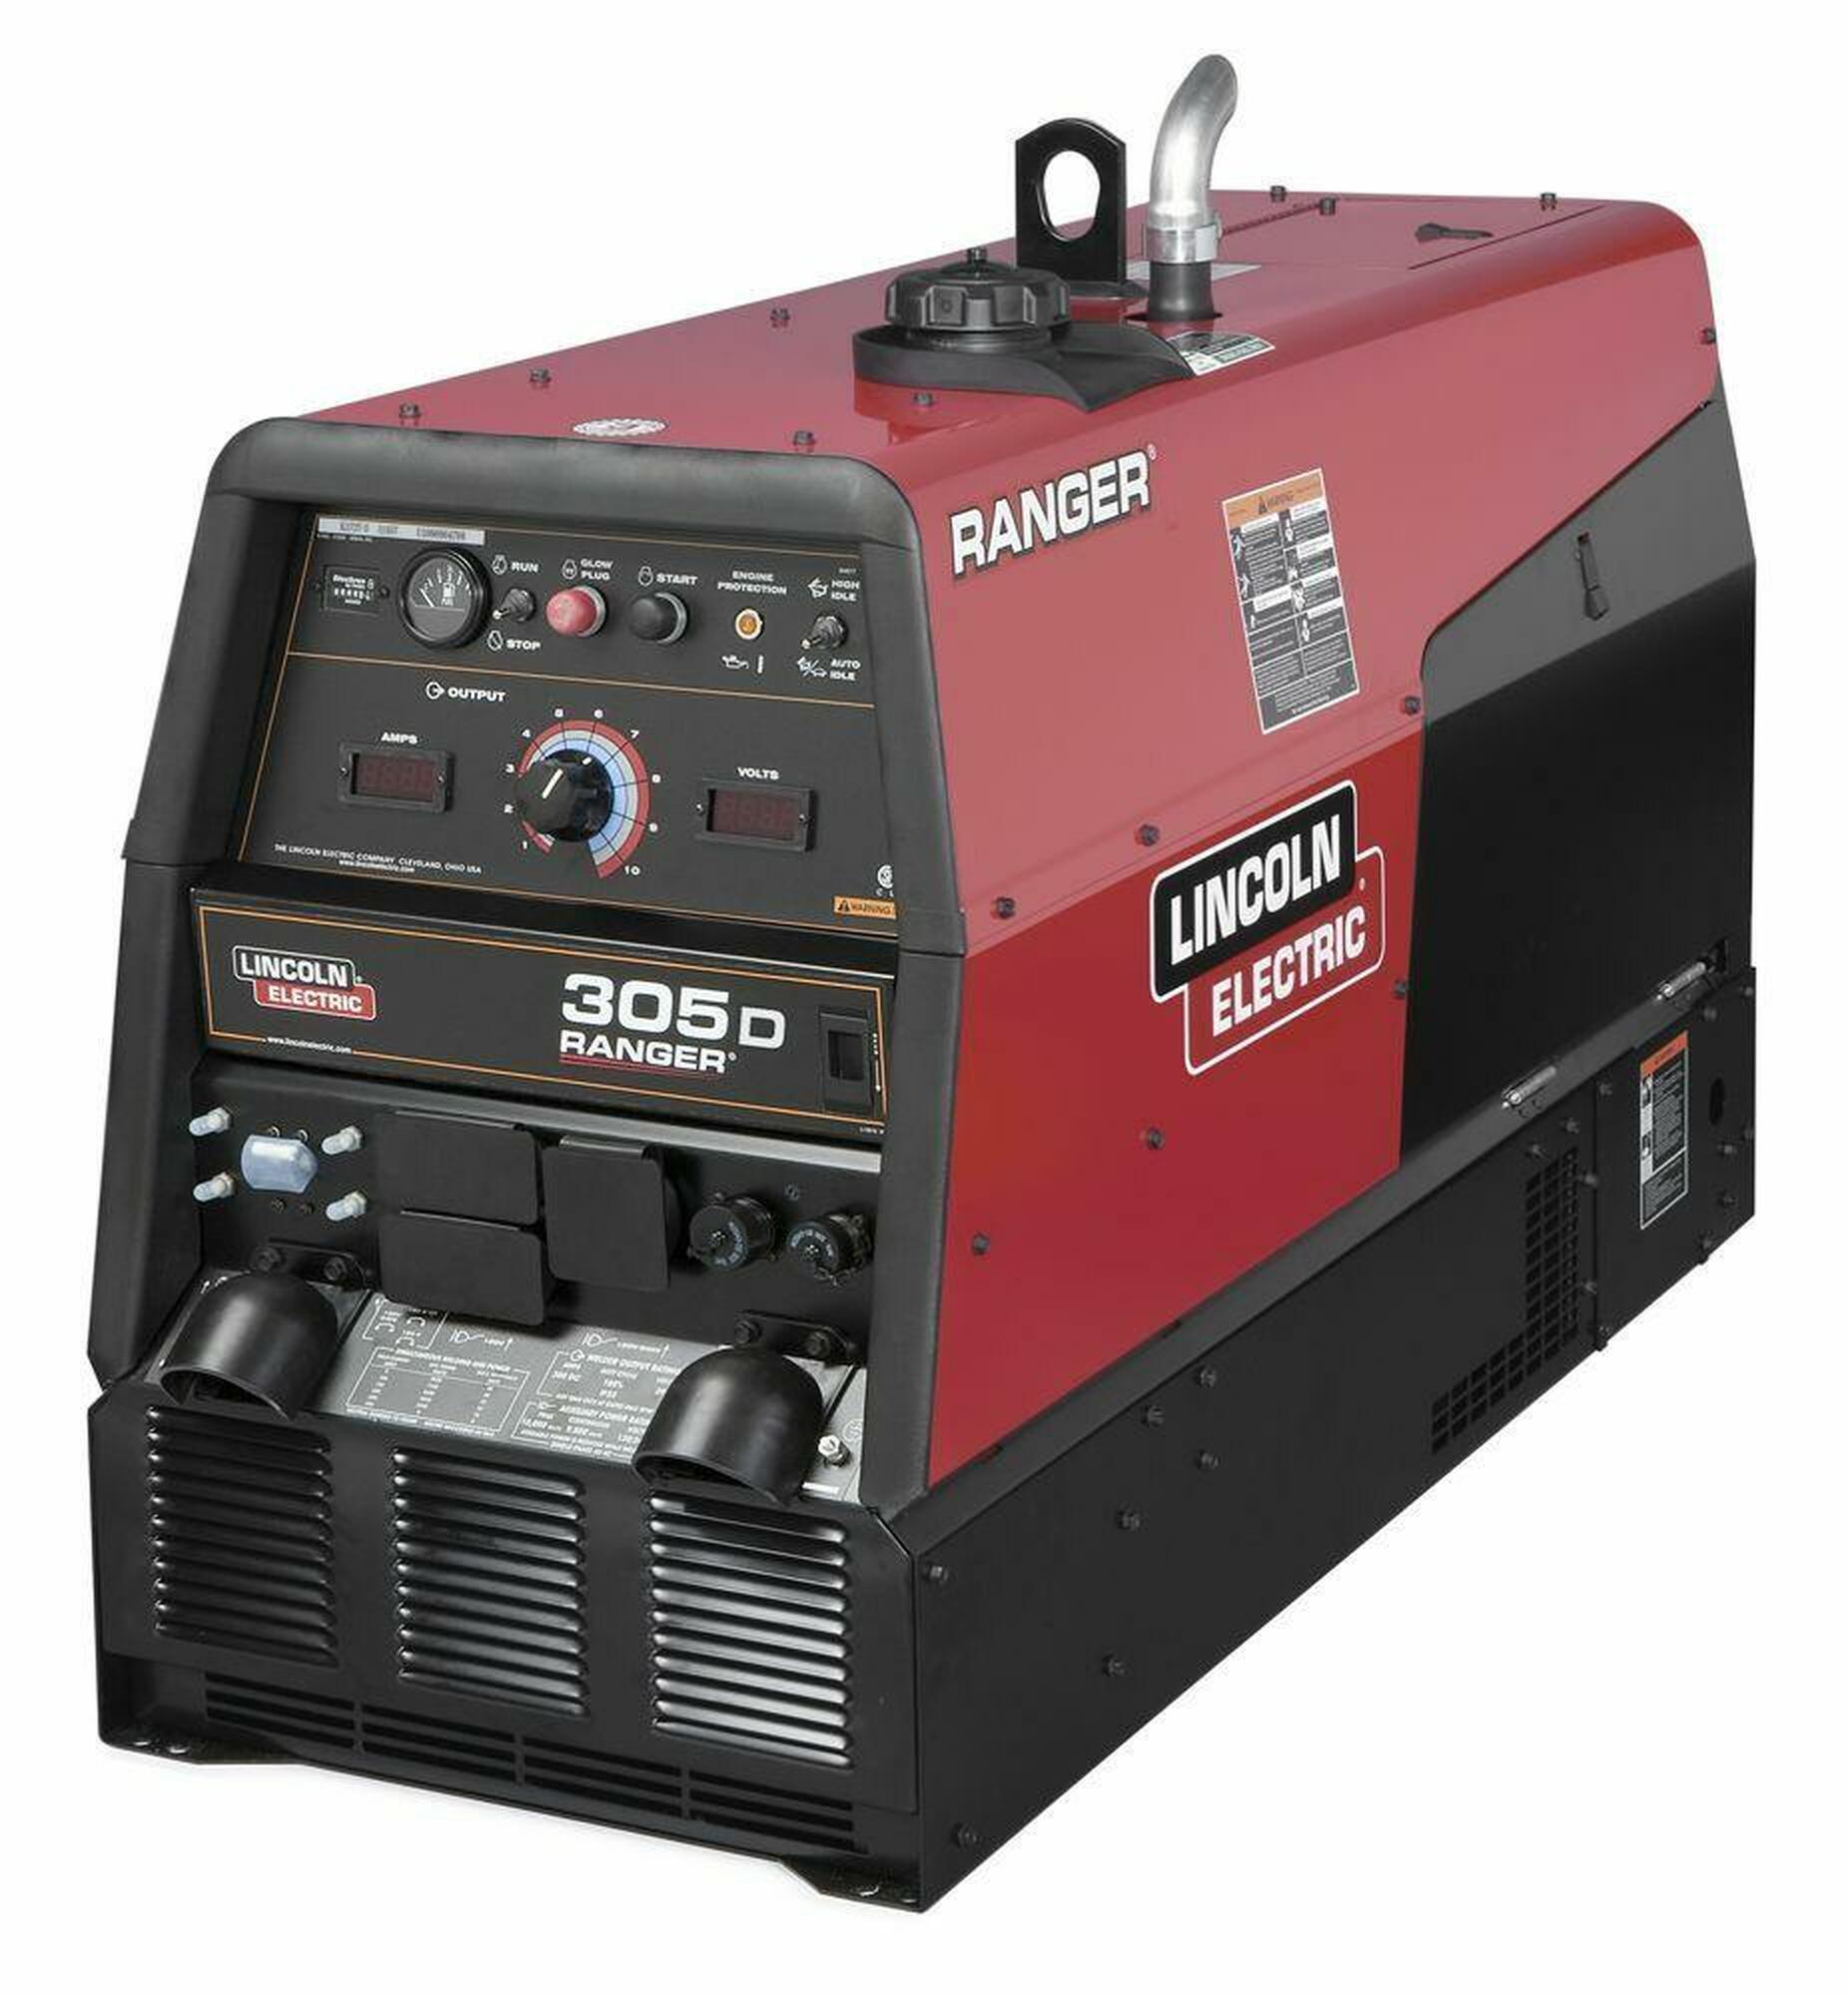 Ranger 305 D